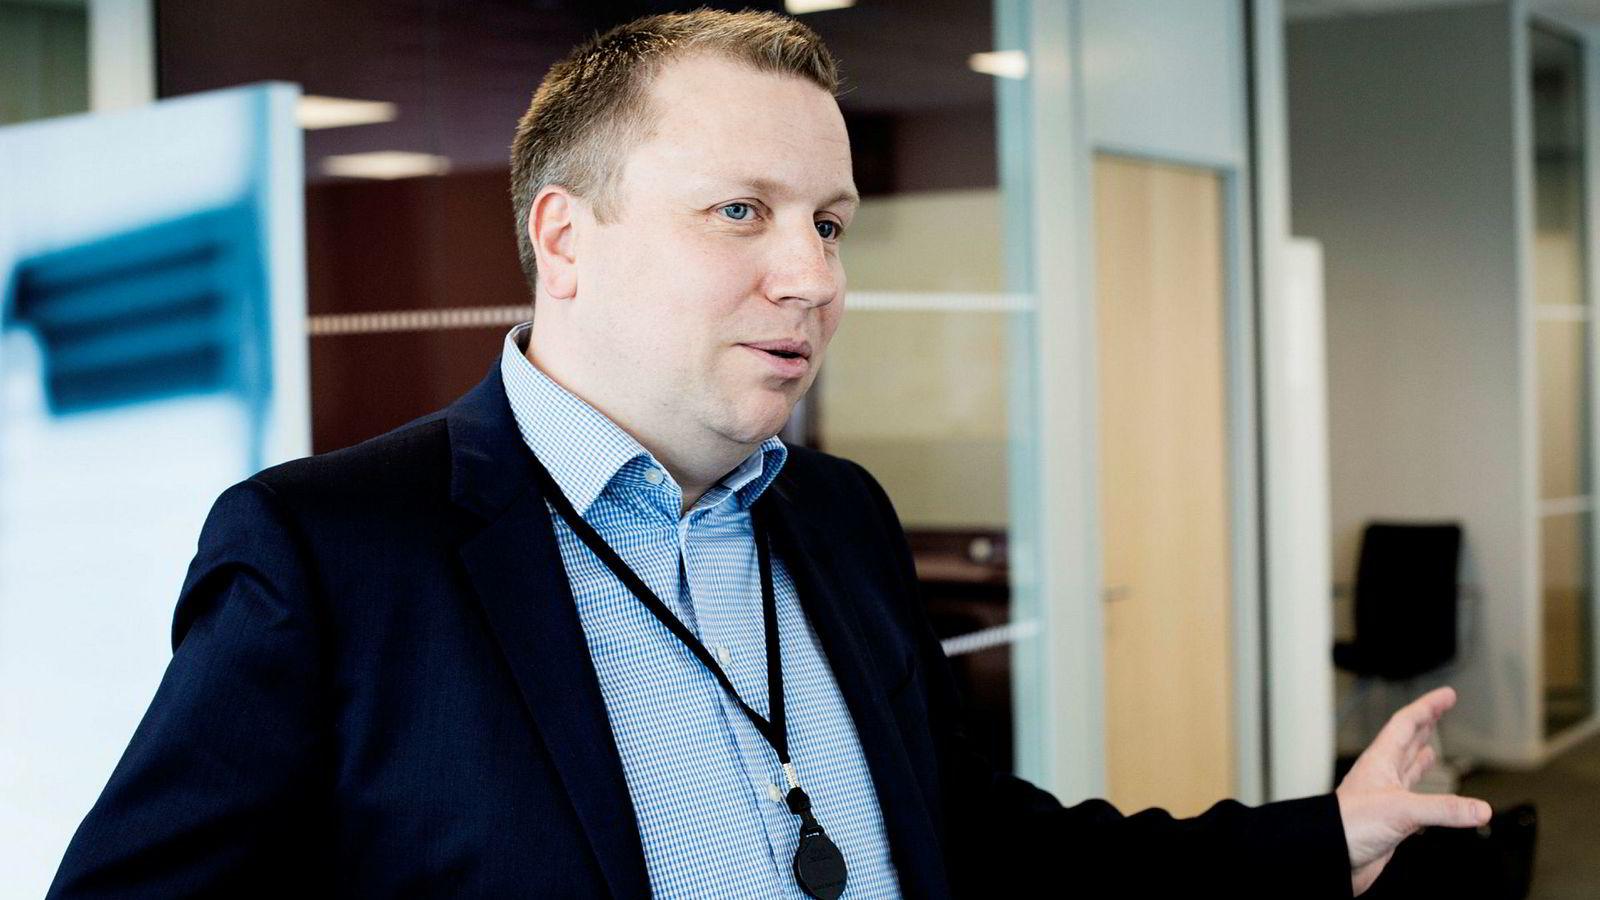 – Historisk har det i snitt ikke lønnet seg å ha fastrenteavtale, sier Øistein Gamst Sandlie, leder for kundeservice i Nordea.